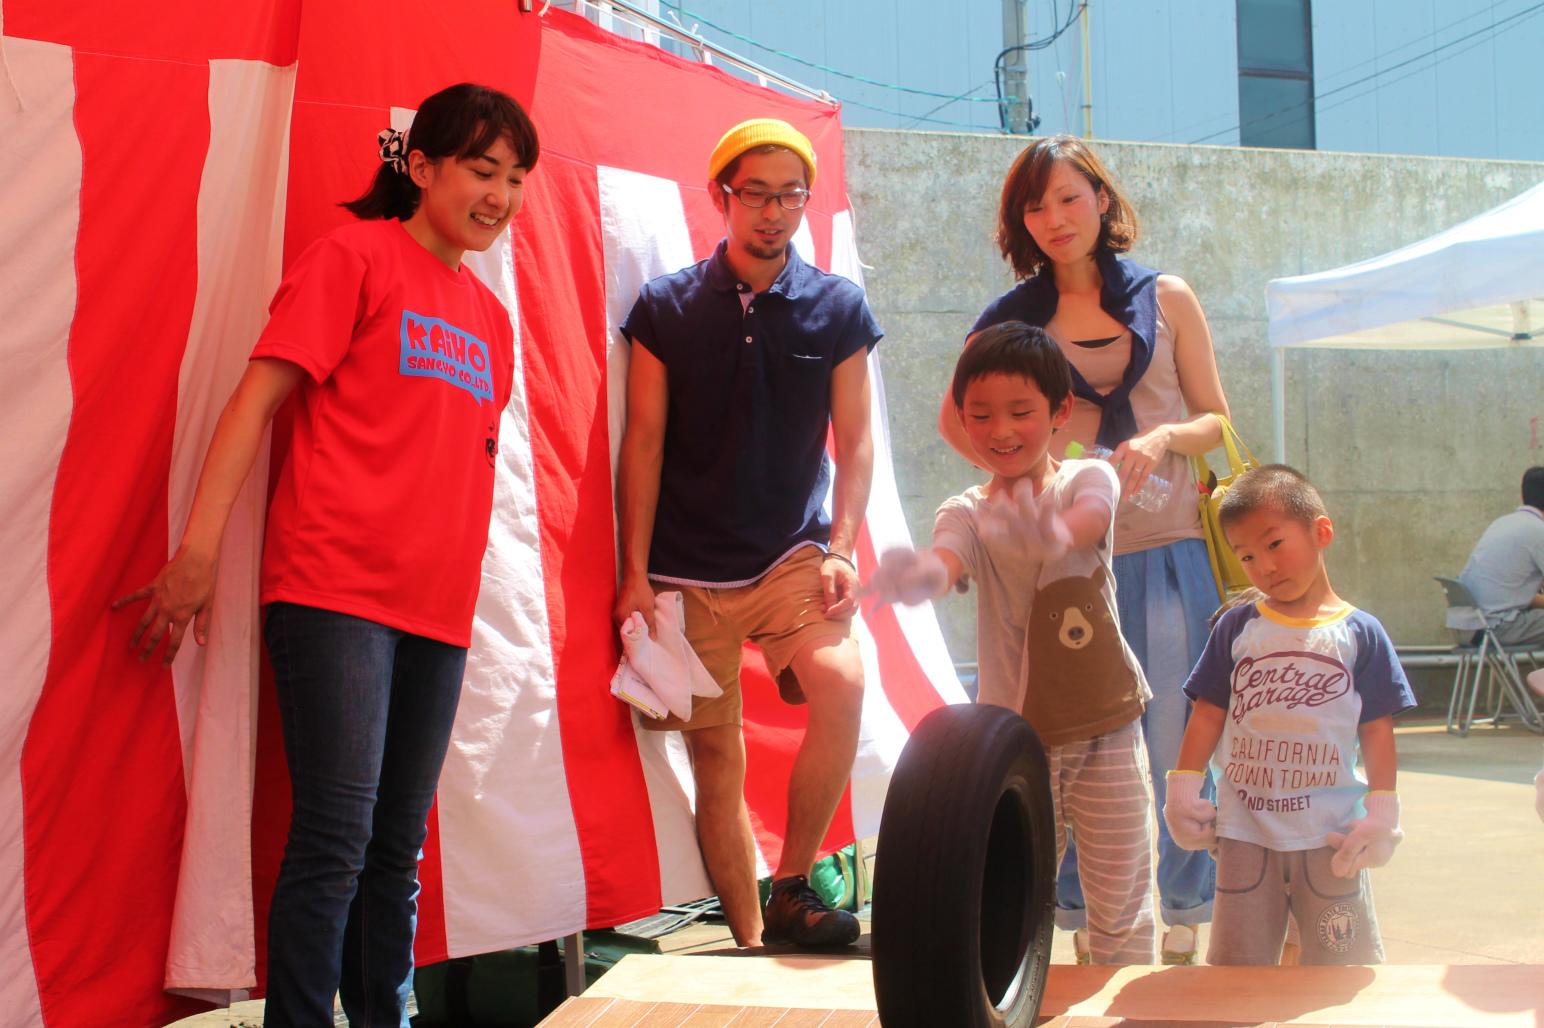 http://www.kaiho.co.jp/jp/news/img/sIMG_0340.jpg